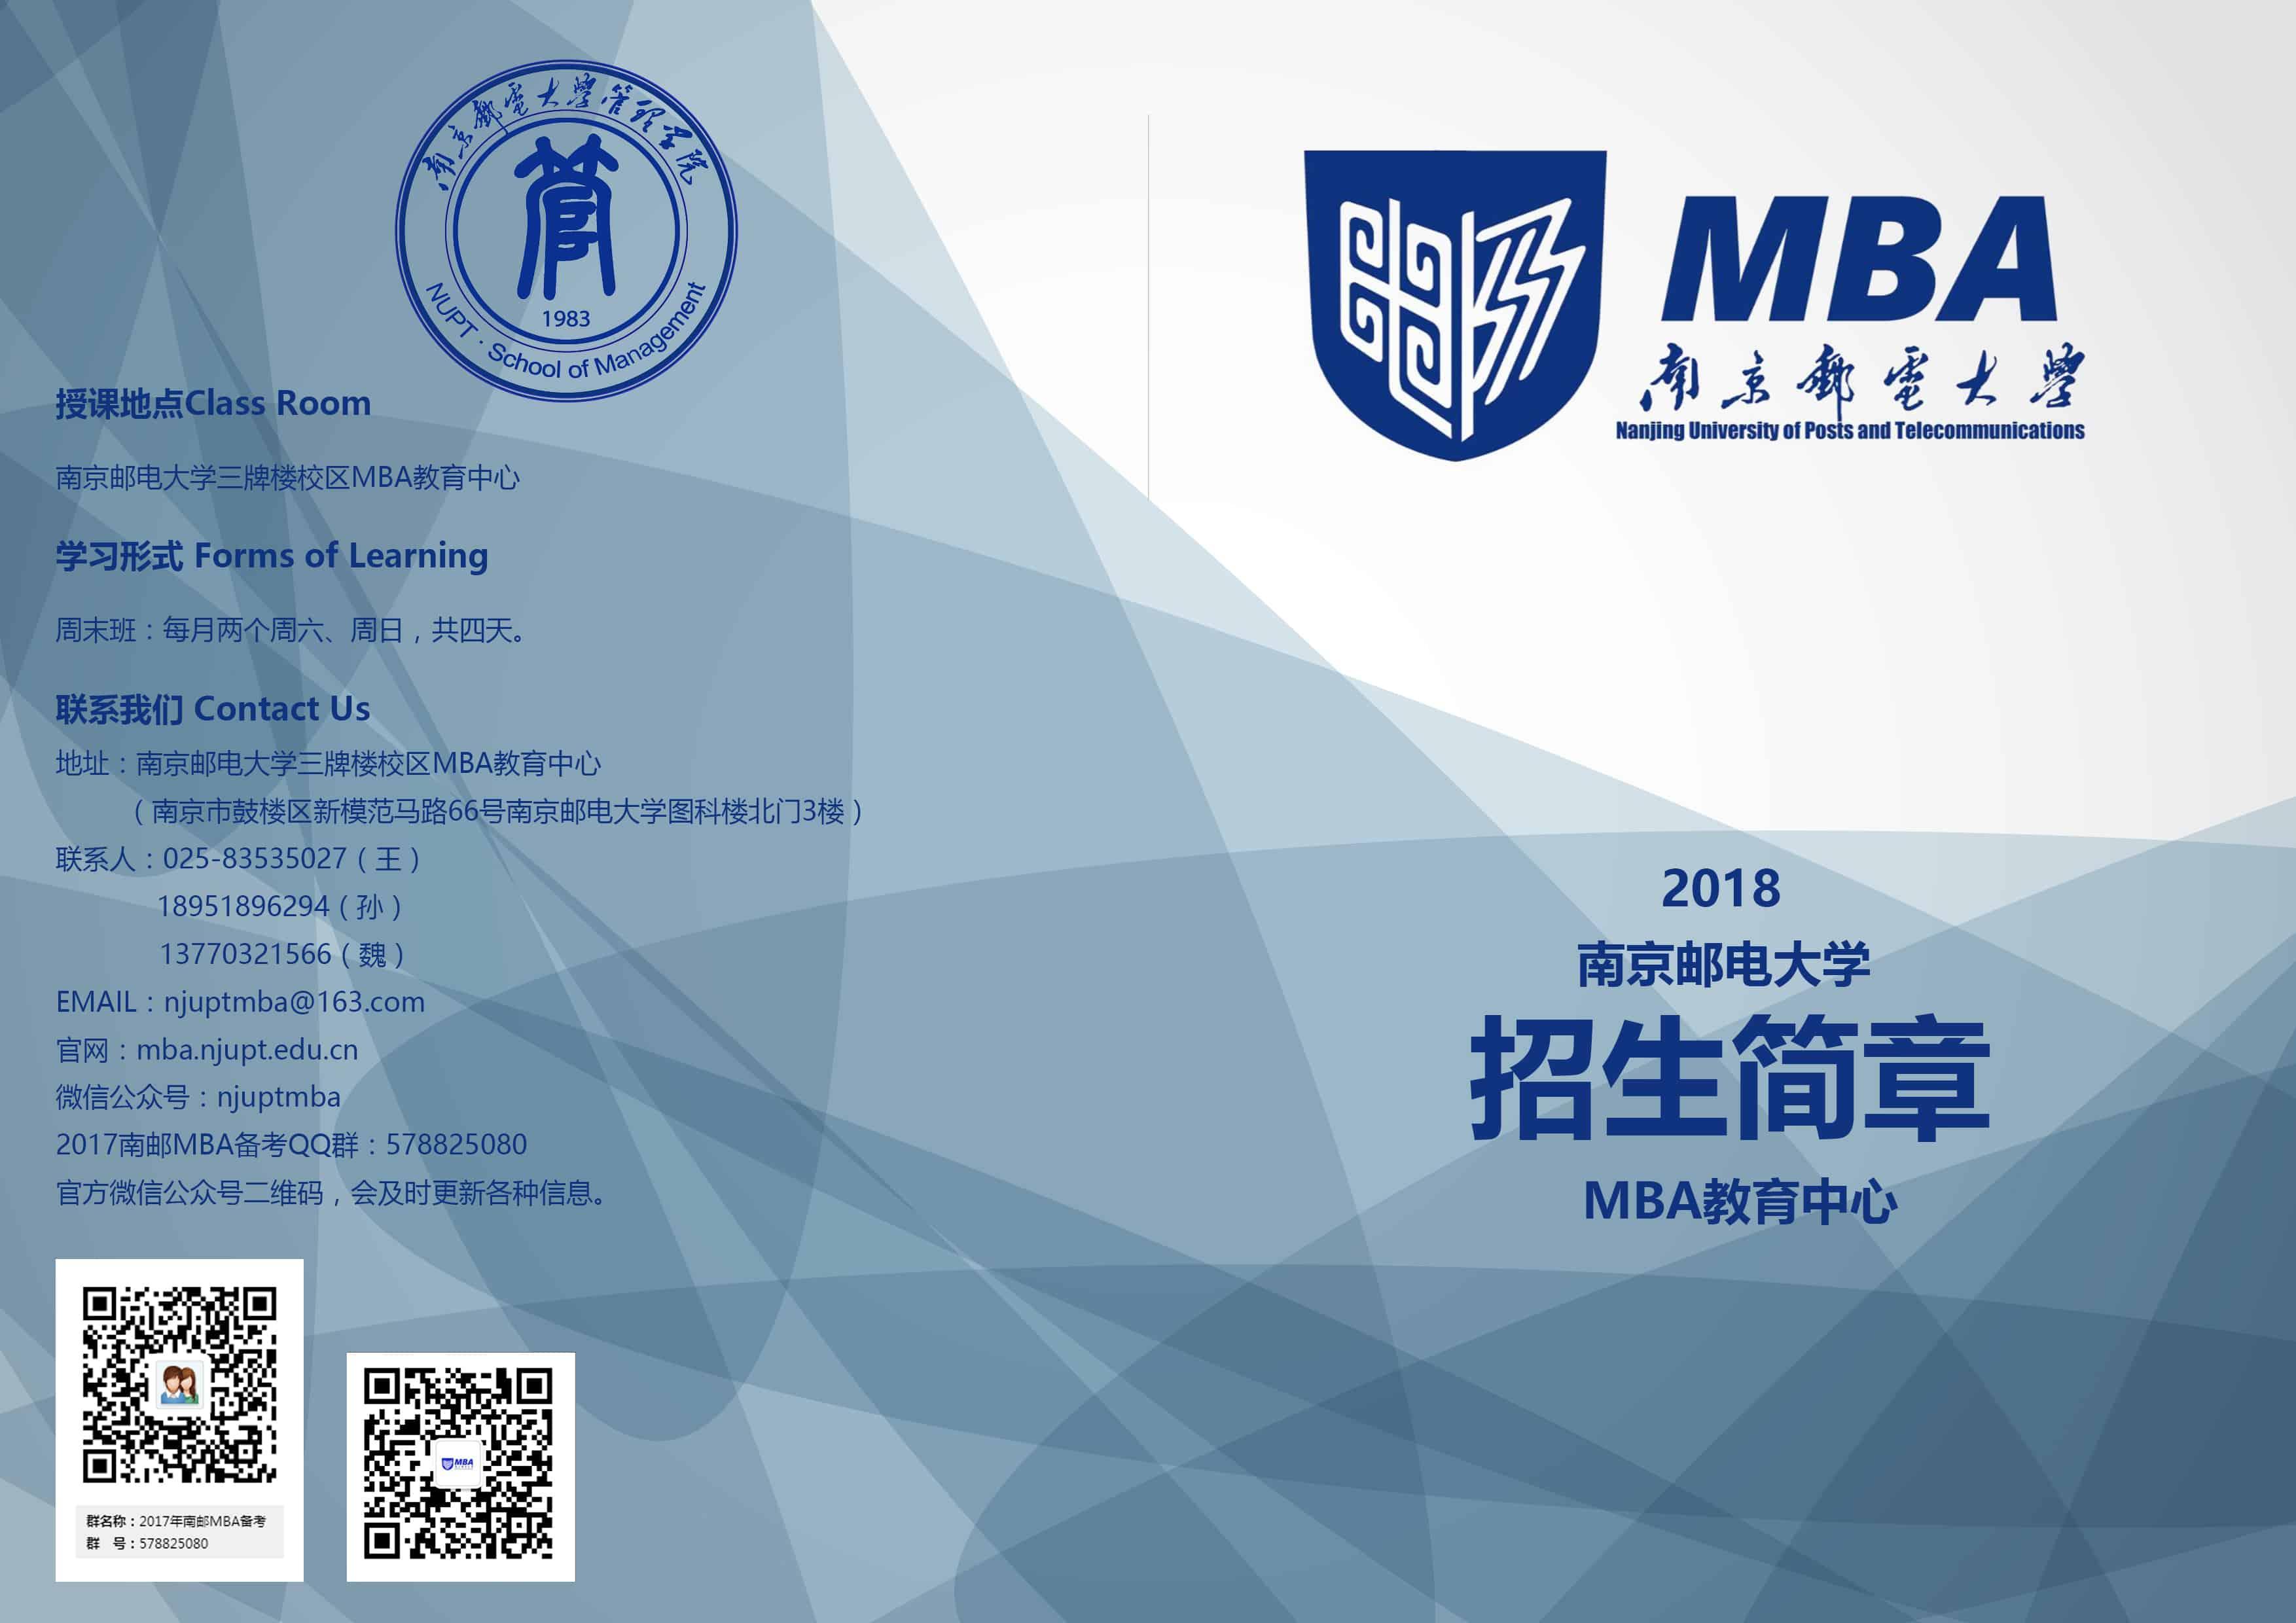 2018年南京邮电大学MBA招生简章图片